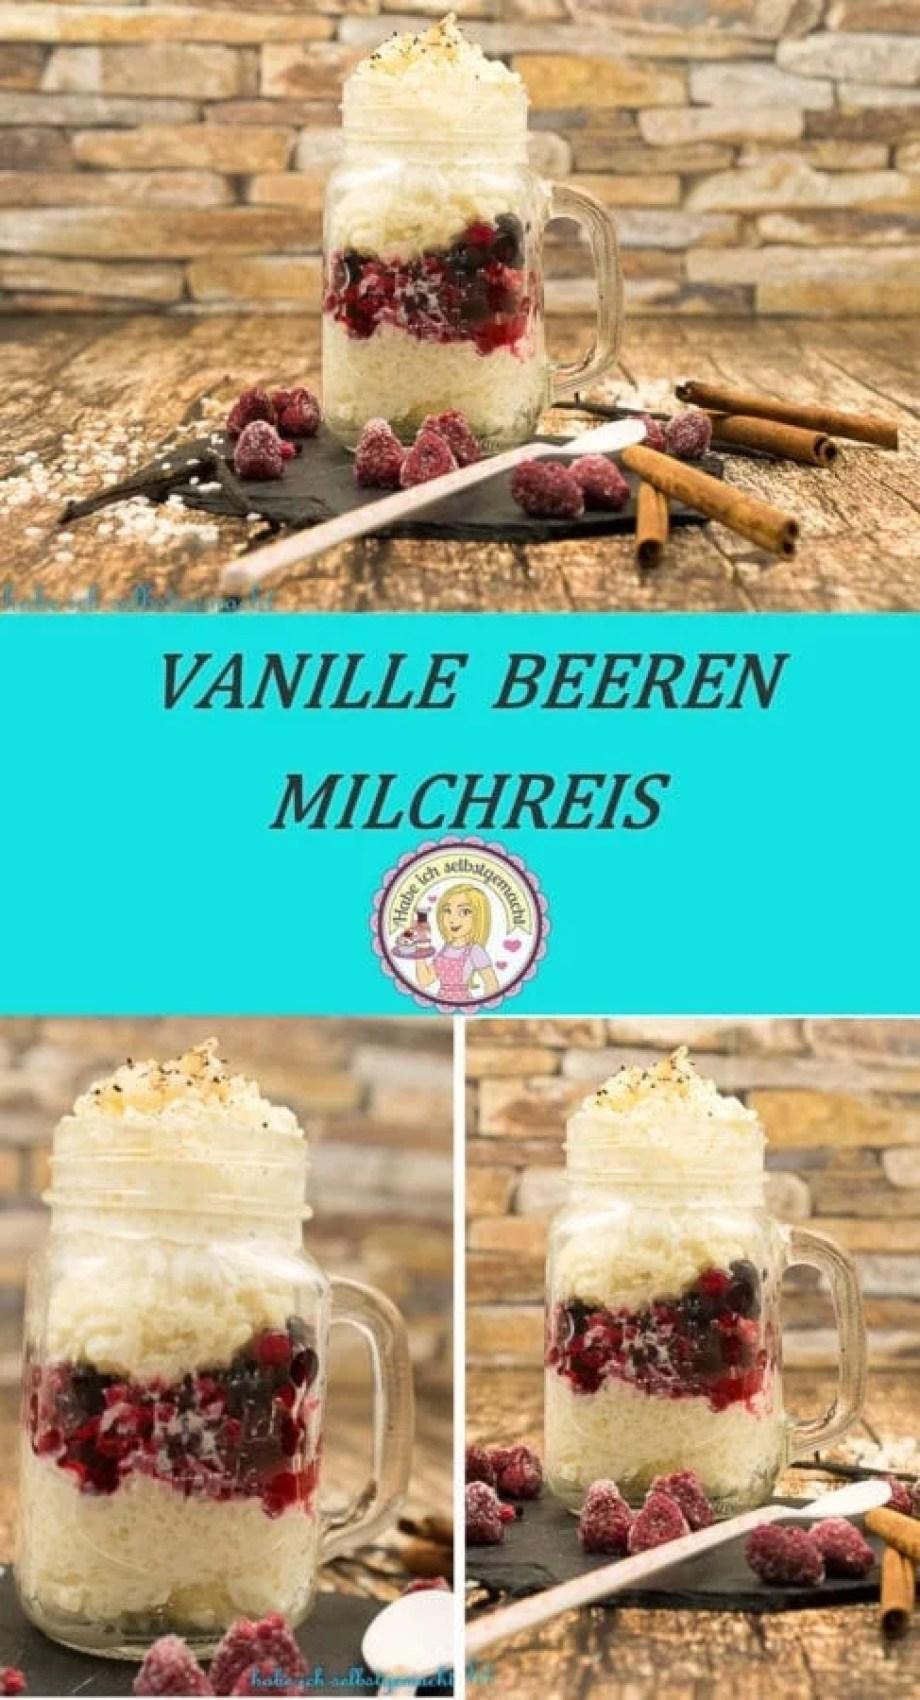 Beeren Vanille Milchreis im Glas